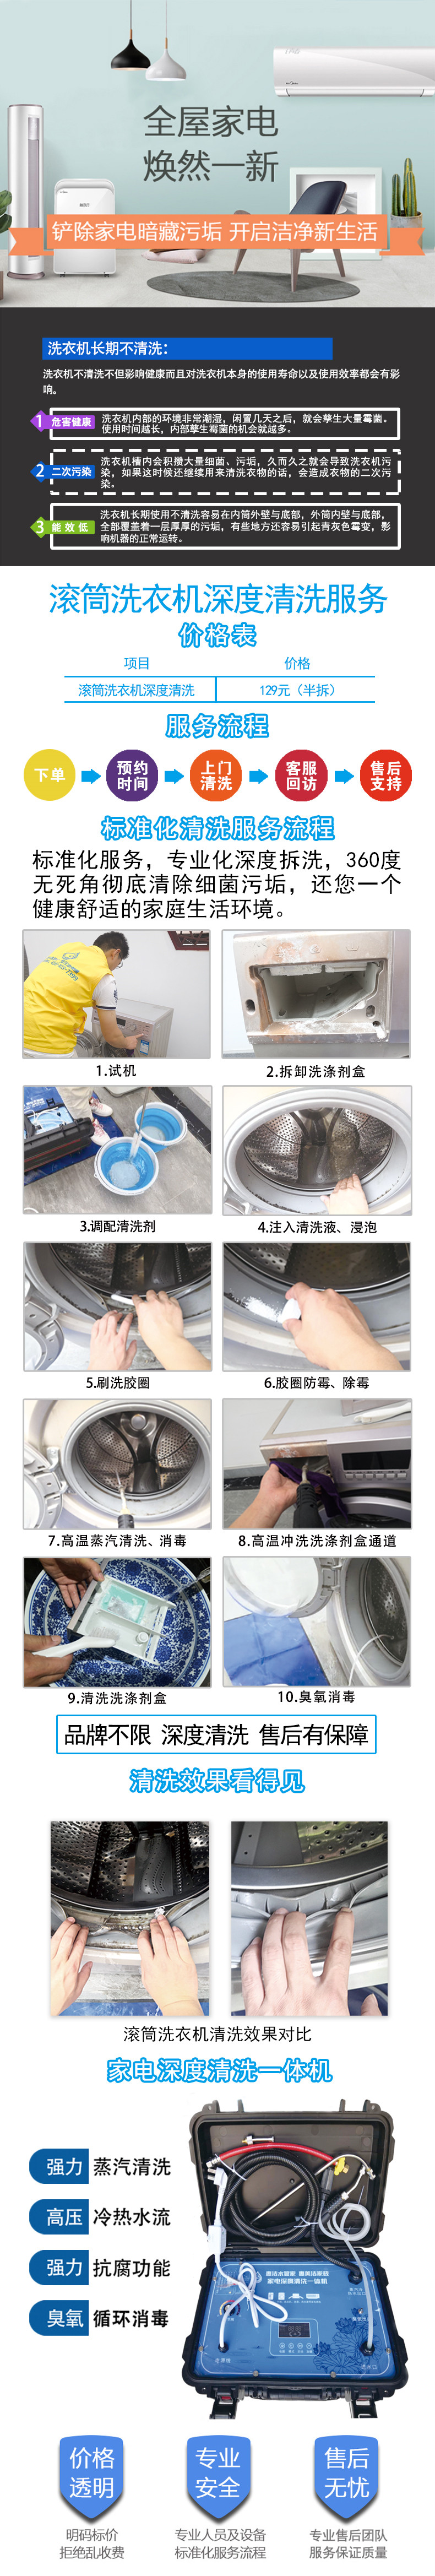 家电清洗服务流程